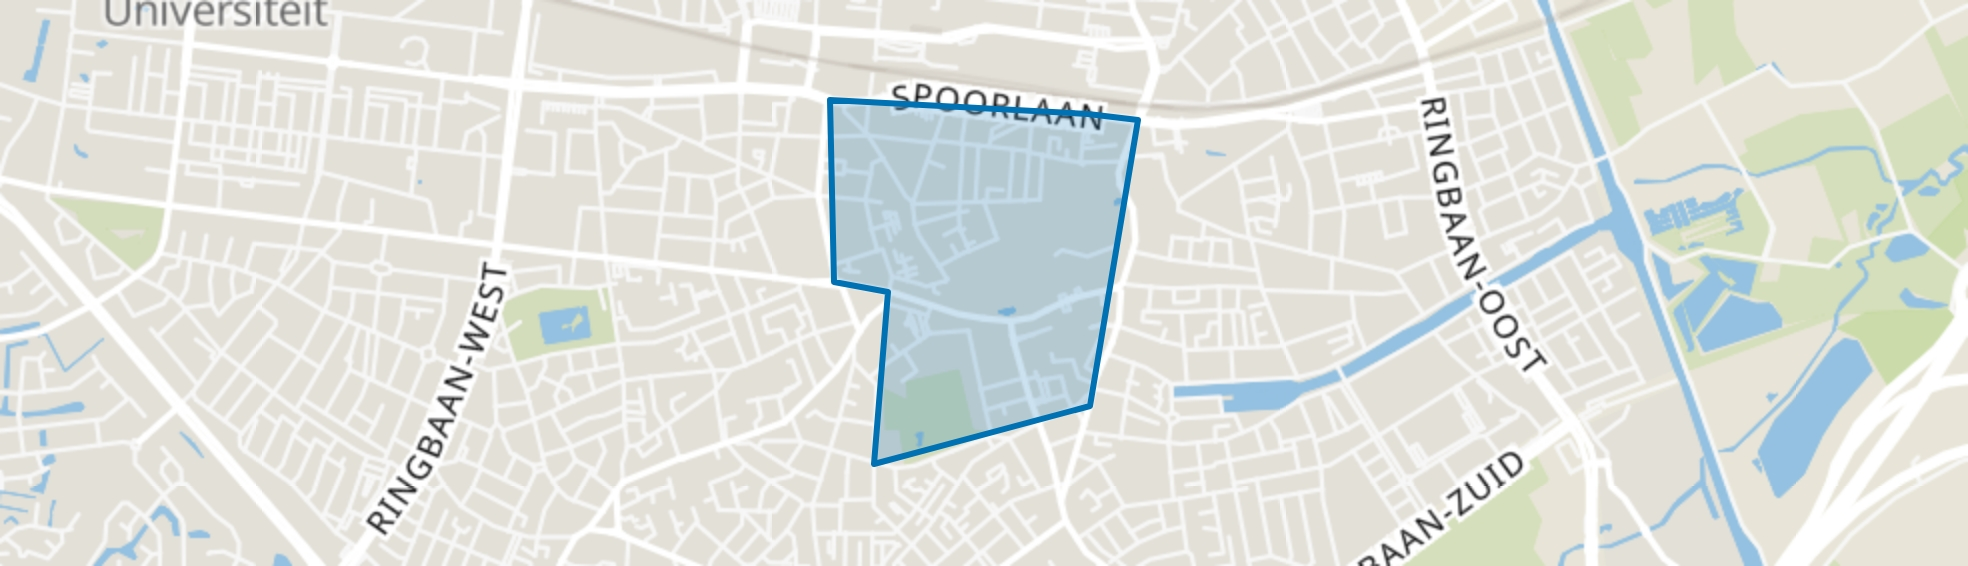 Binnenstad, Tilburg map